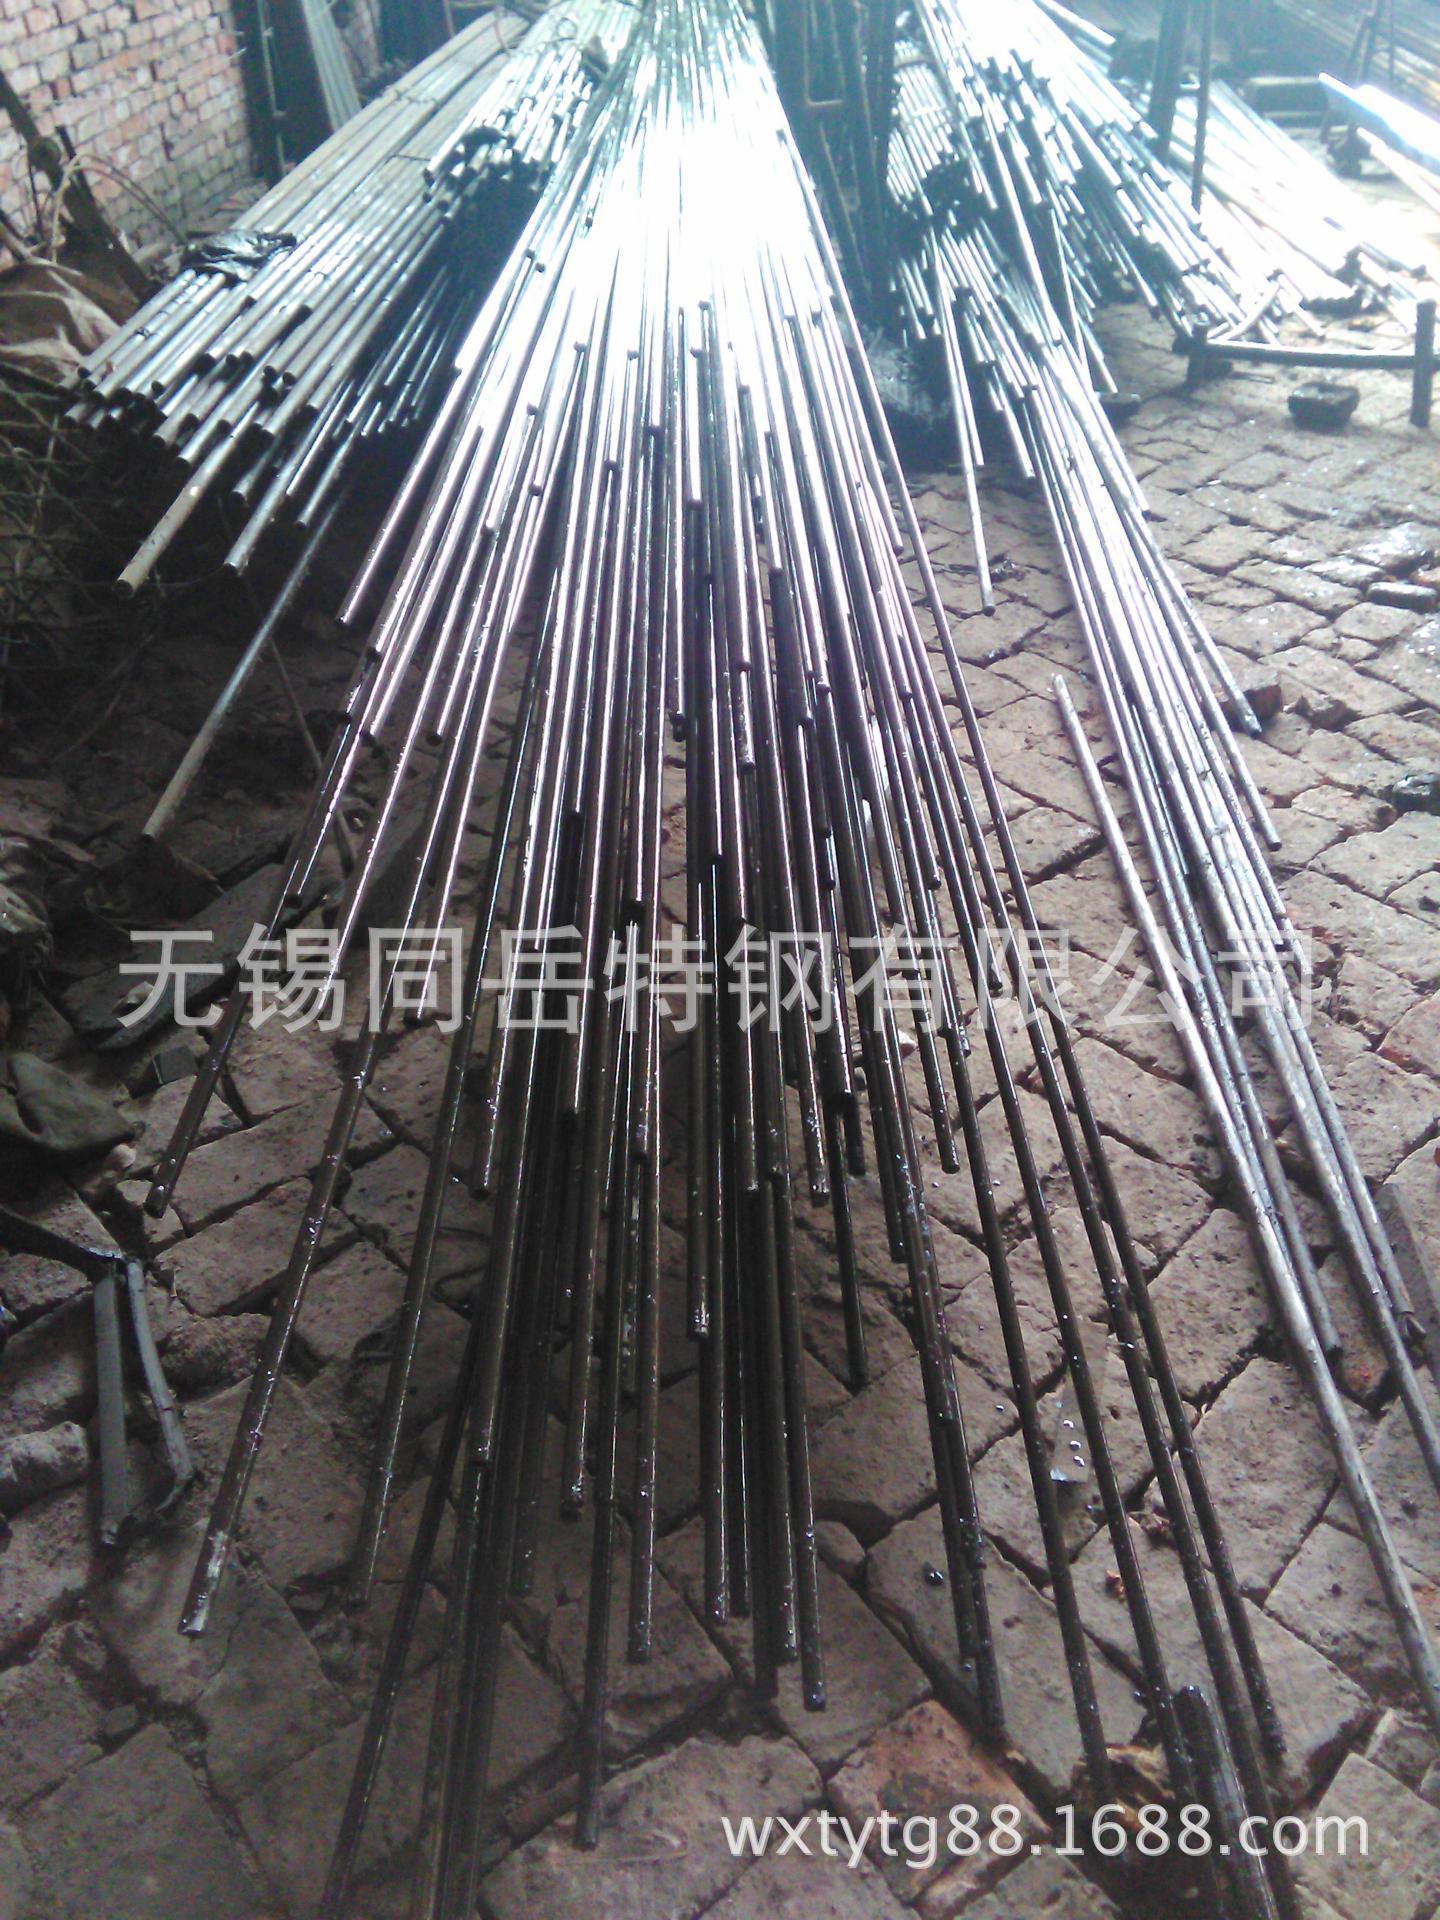 我的钢铁网会员价格_【三角形镀锌钢铁管20#精密钢管无锡同岳钢管六边铁管三角冷拔 ...